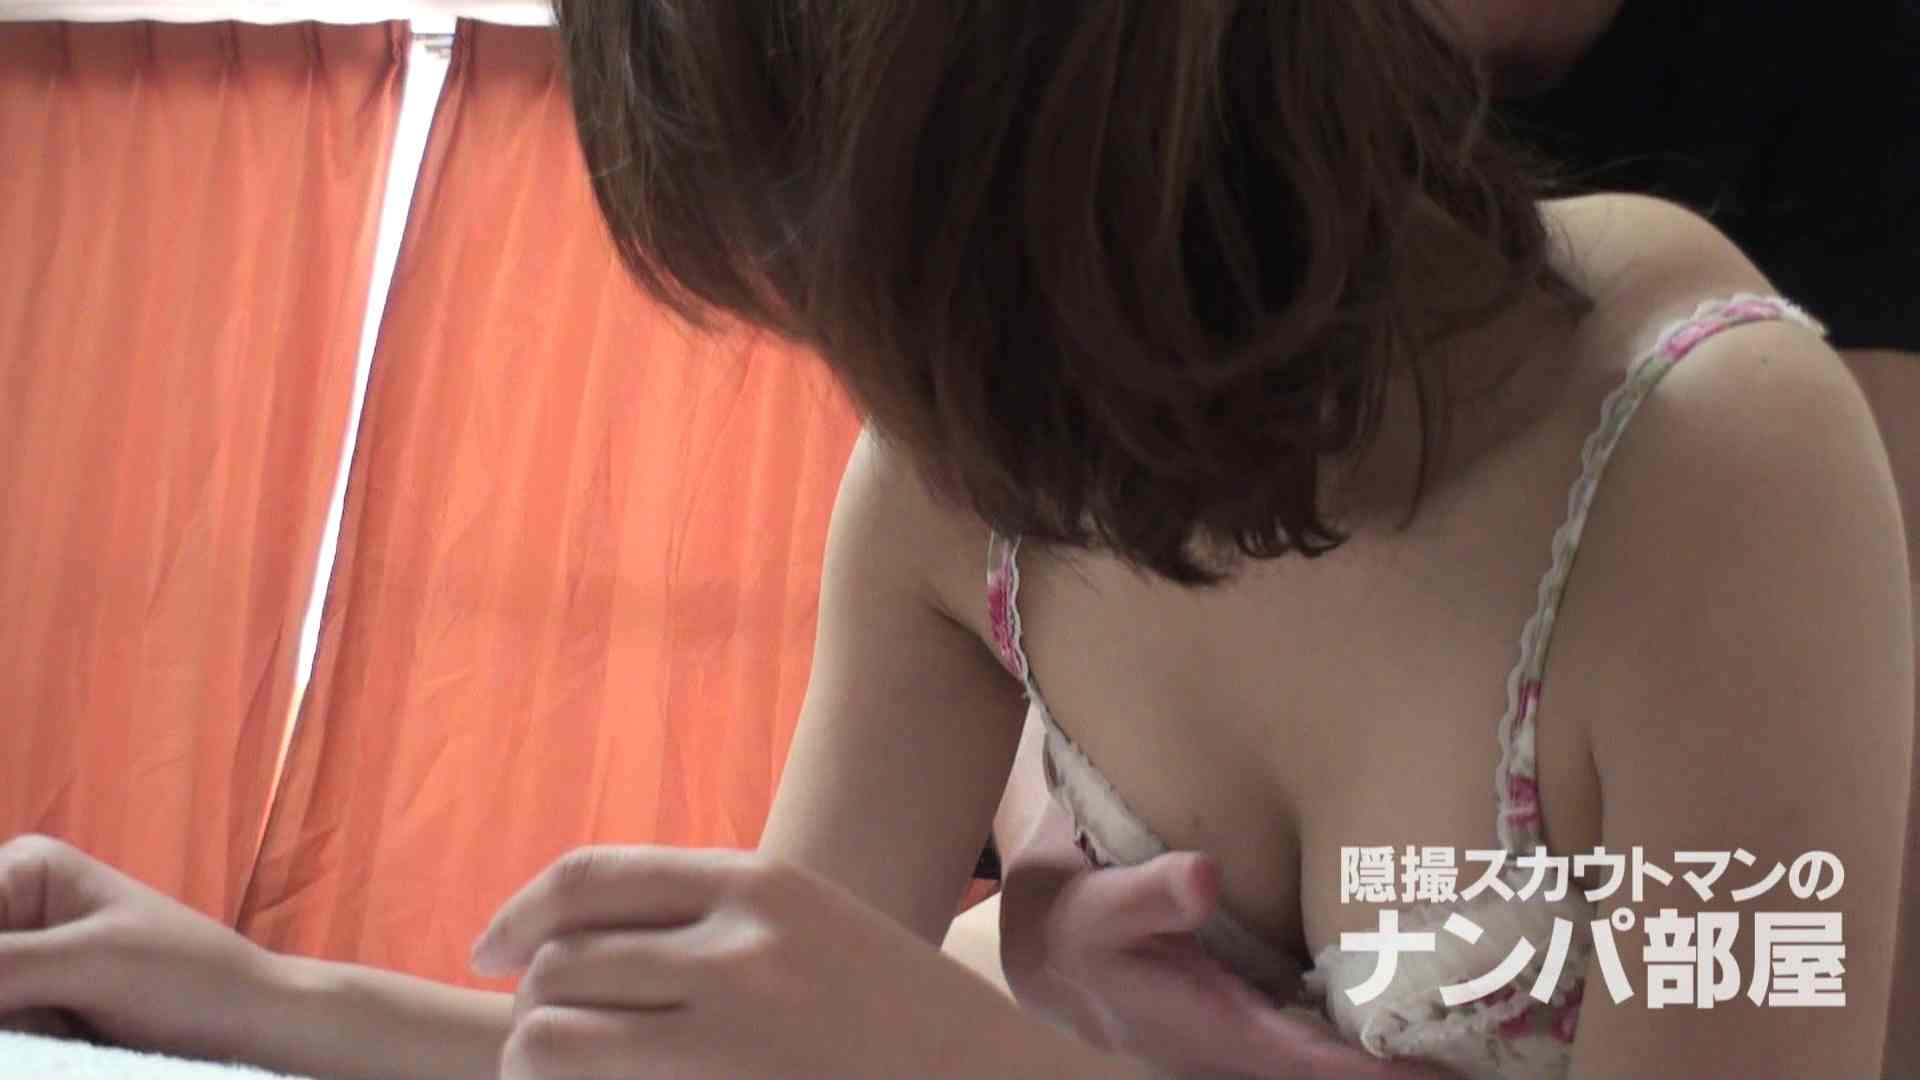 隠撮スカウトマンのナンパ部屋~風俗デビュー前のつまみ食い~ siivol.2 脱衣所  75pic 44